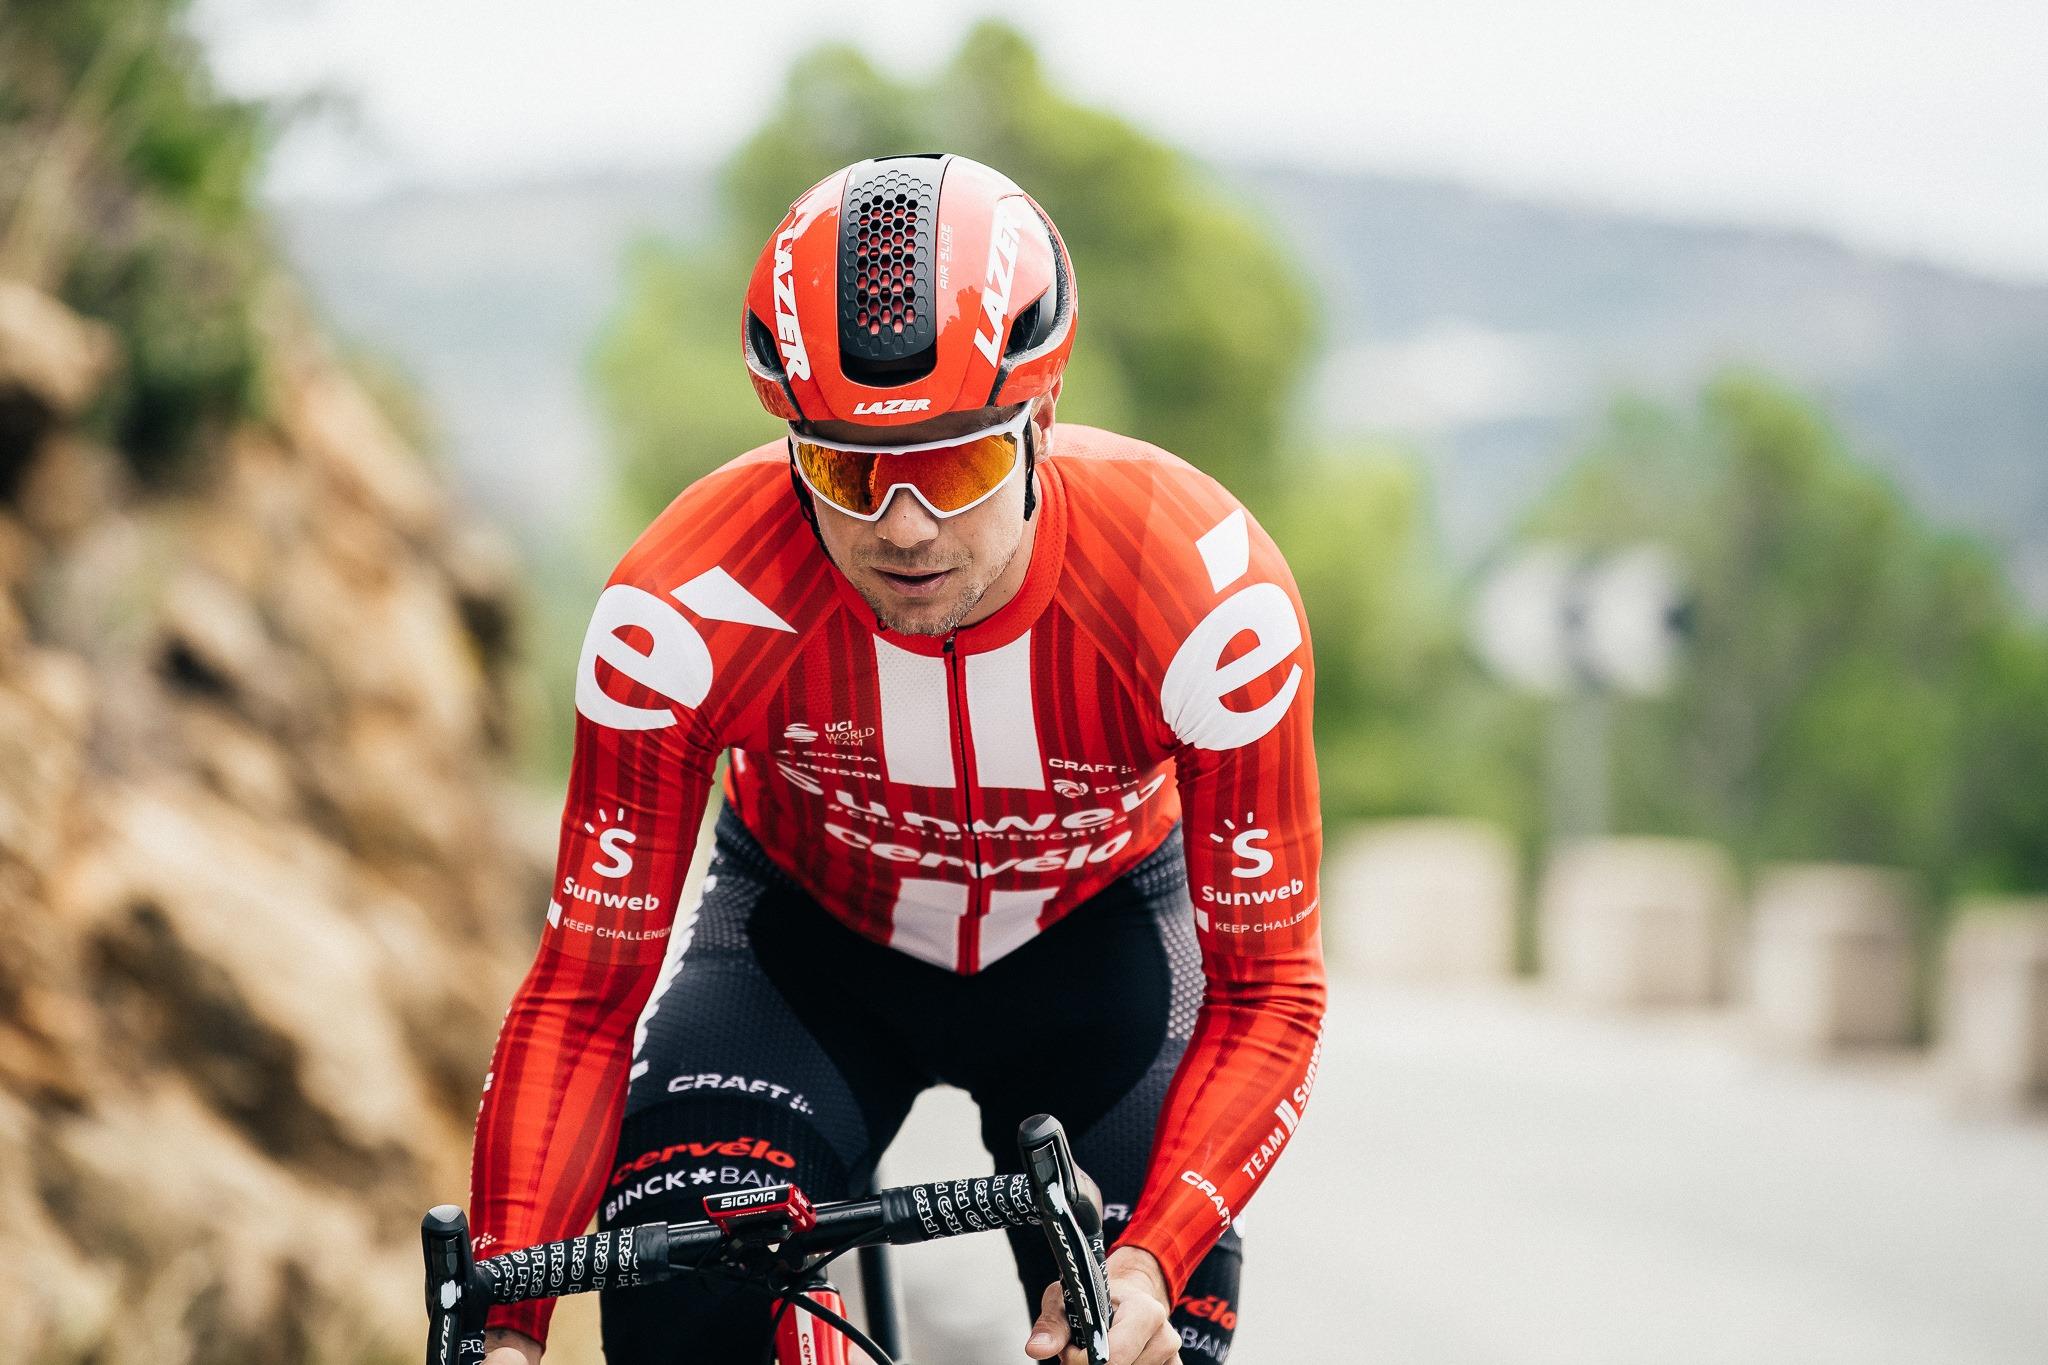 Nicholas Roche, v pětatřiceti letech jeden z nejzkušenějších závodníků týmu Sunweb. Foto: facebook Sunweb